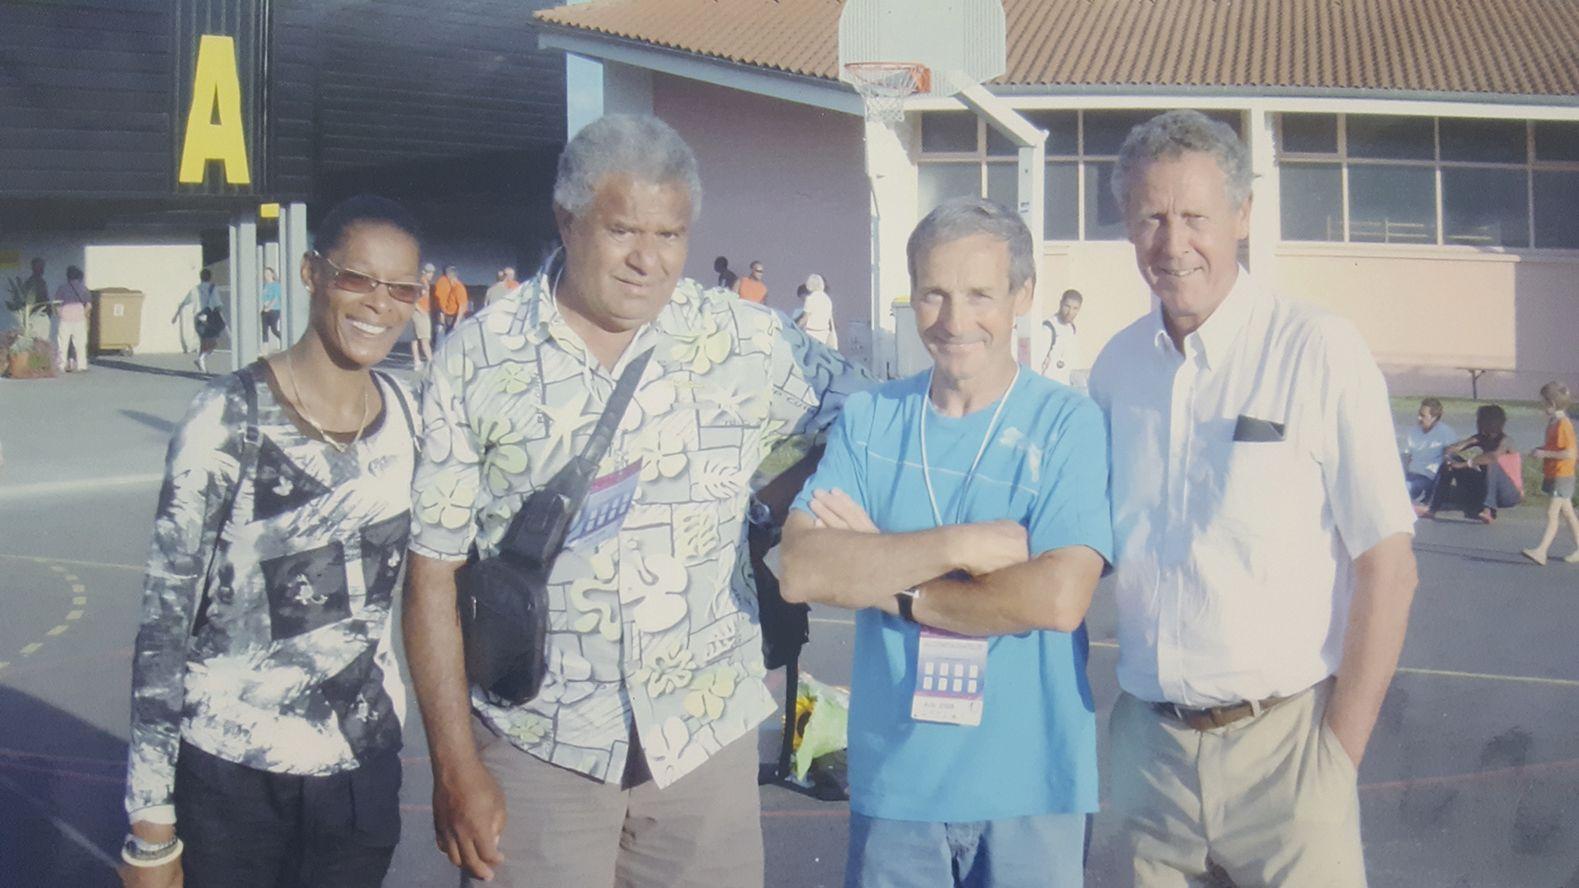 Paul Poaniewa, Jacques Piasenta et Guy Drut. Trois athlètes des années soixante-dix  qui se sont côtoyés à l'Insep durant des années.